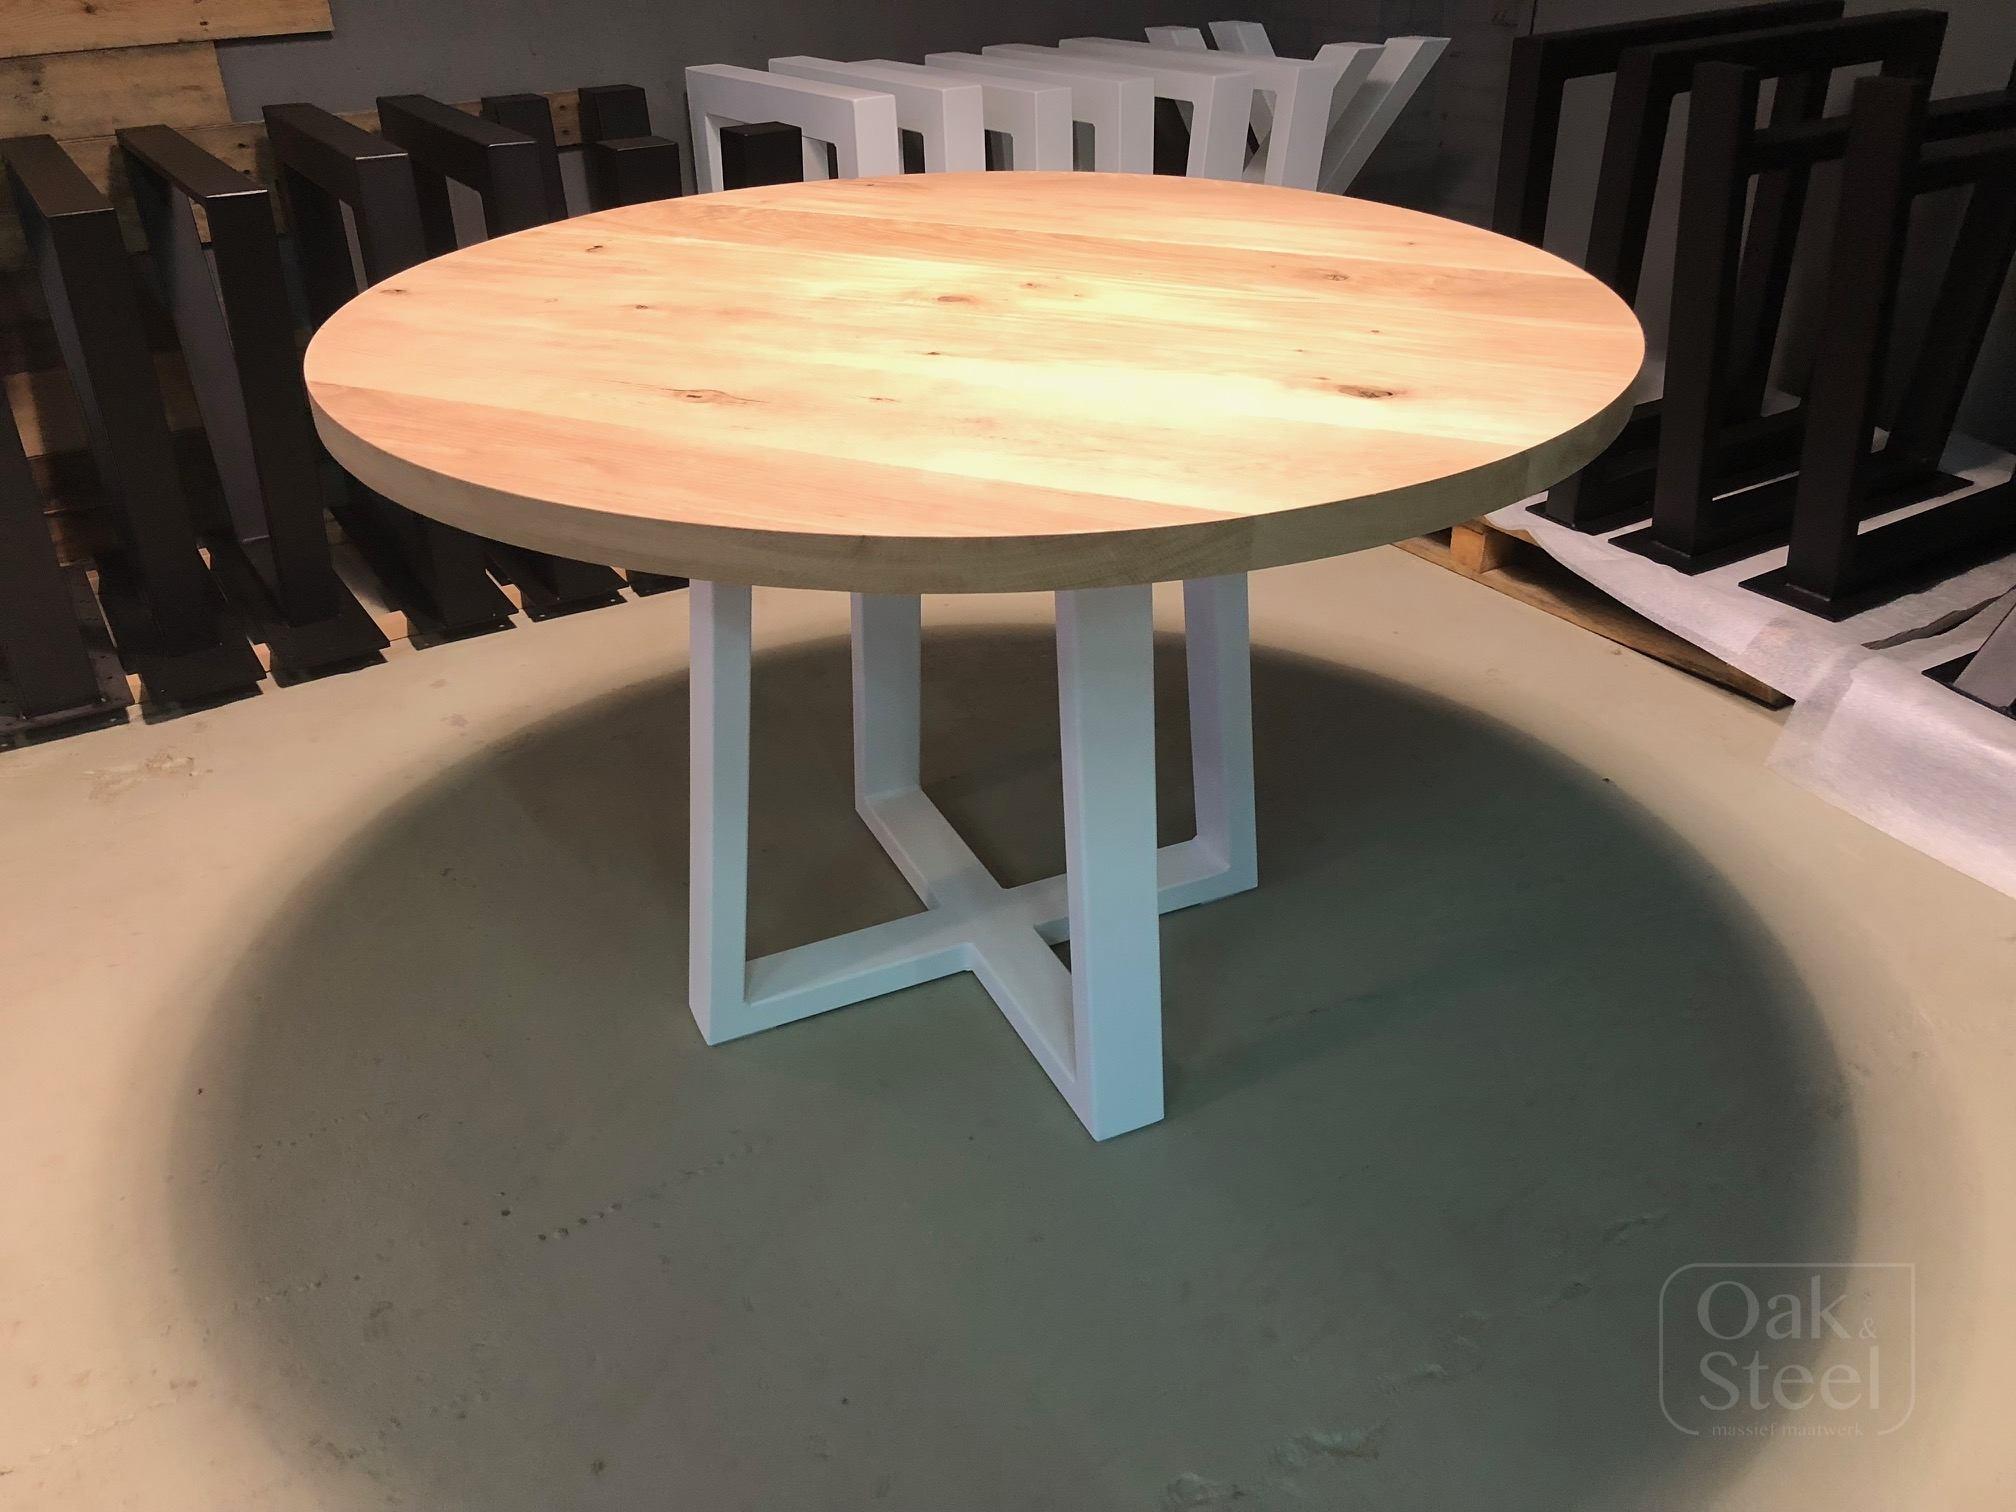 Ronde Eiken Tafel : Ronde tafel oak steel